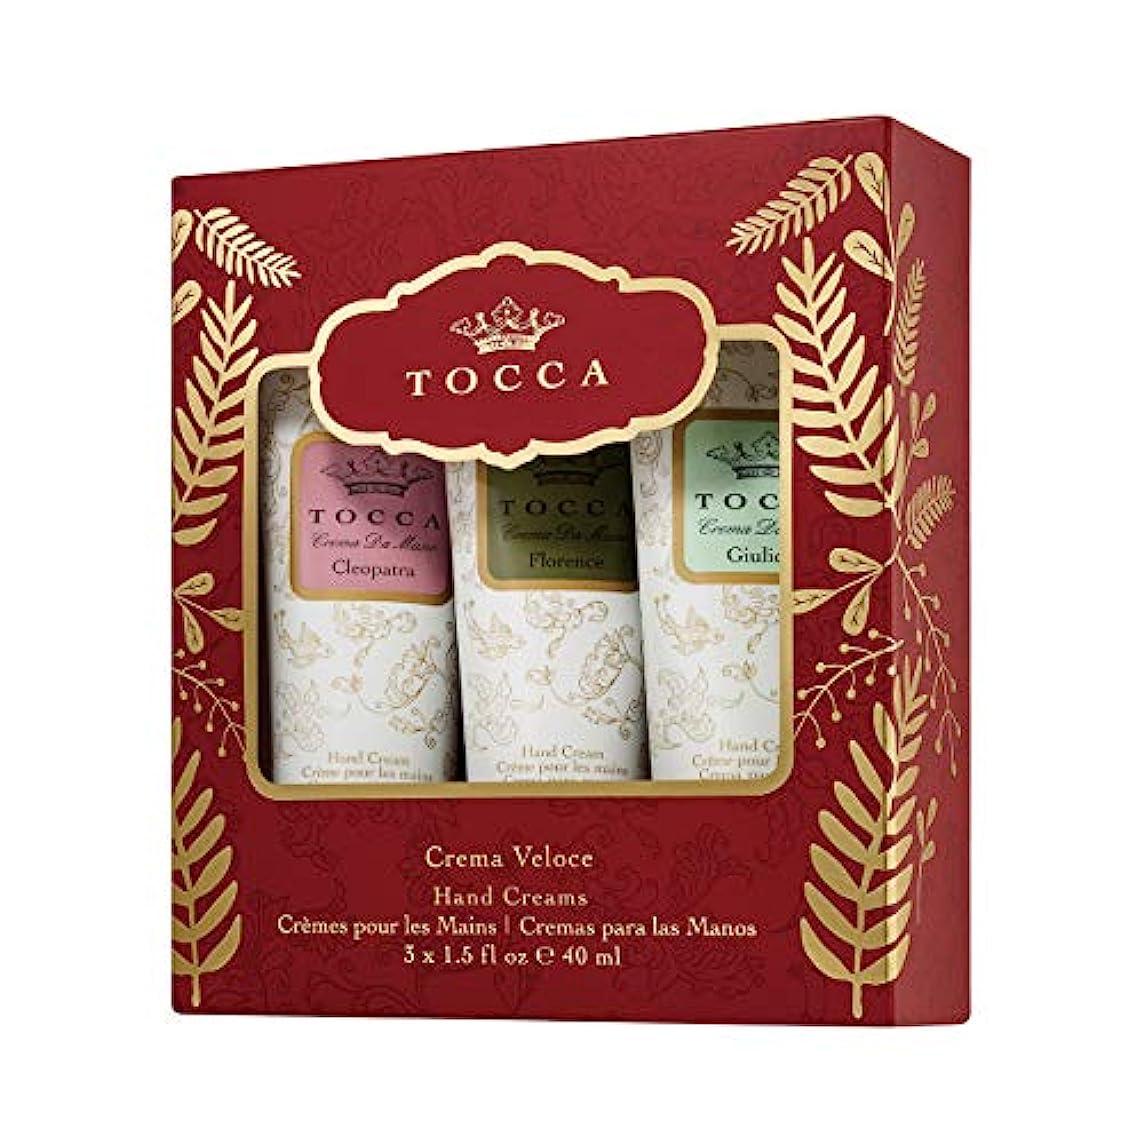 どれか呪い政府TOCCA クレマヴェローチェパルマ ハンドクリーム3本入った贅沢な贈り物(手指保湿?小分けギフト)